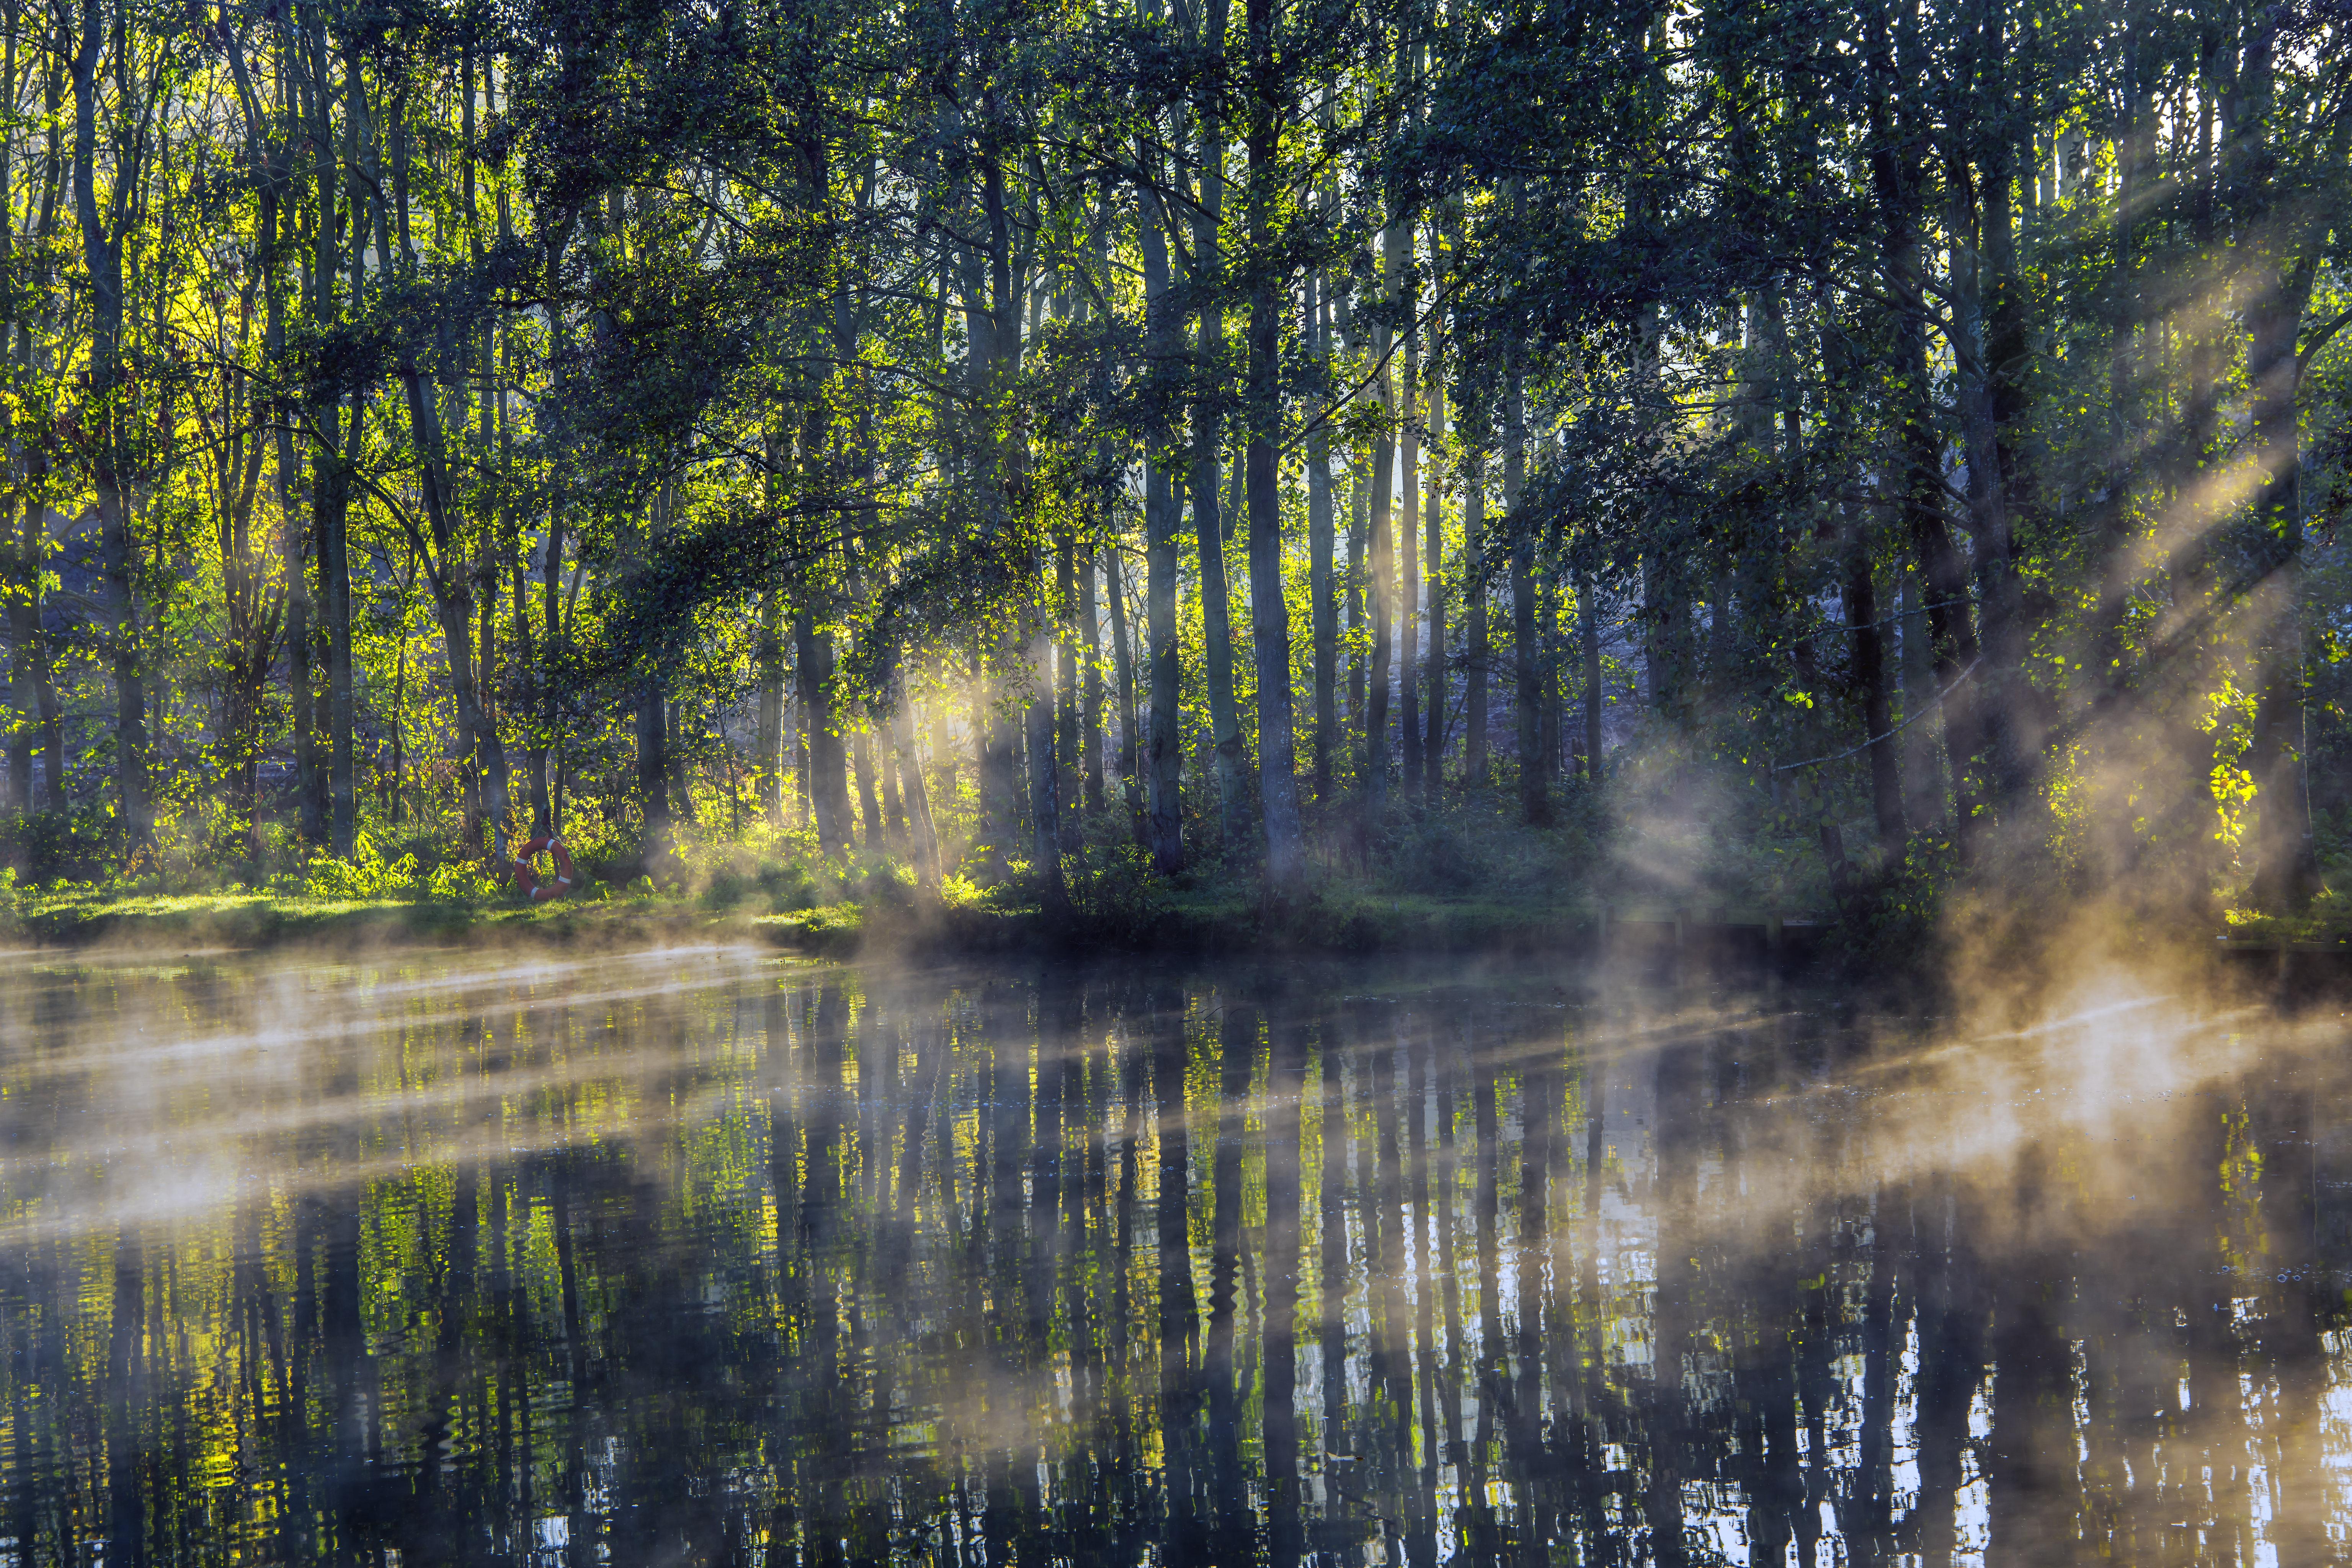 77666 fondo de pantalla 1920x1080 en tu teléfono gratis, descarga imágenes Árboles, Lago, Vigas, Rayos, Niebla, Naturaleza, Sol 1920x1080 en tu móvil